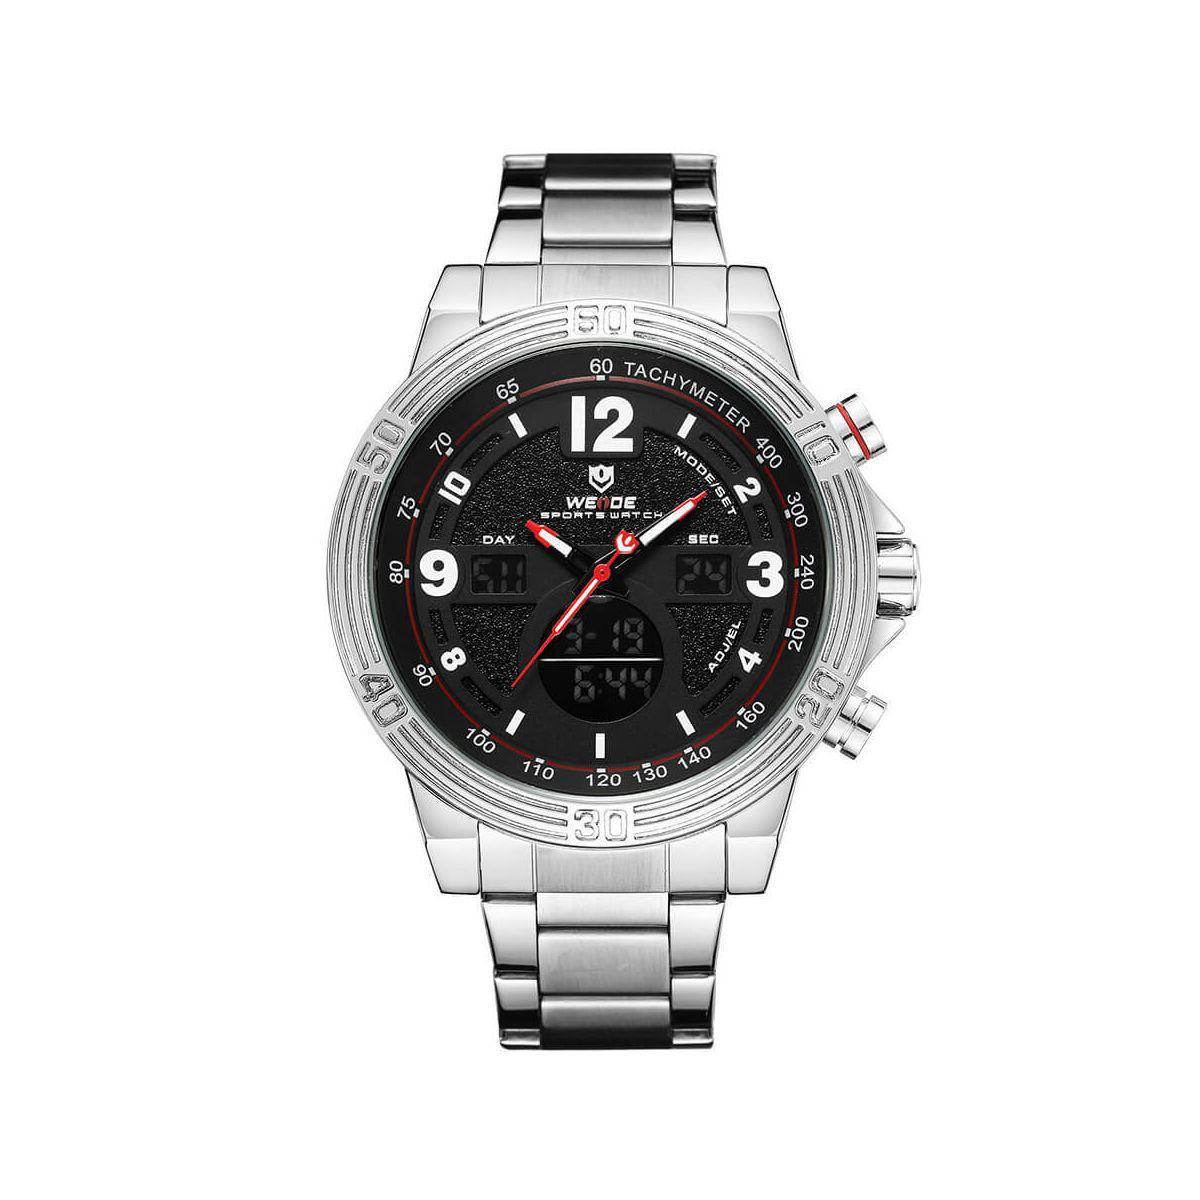 Часы Weide Black WH6908-1C SS (WH6908-1C)  558 грн. - Наручні ... b8c388e3c2300